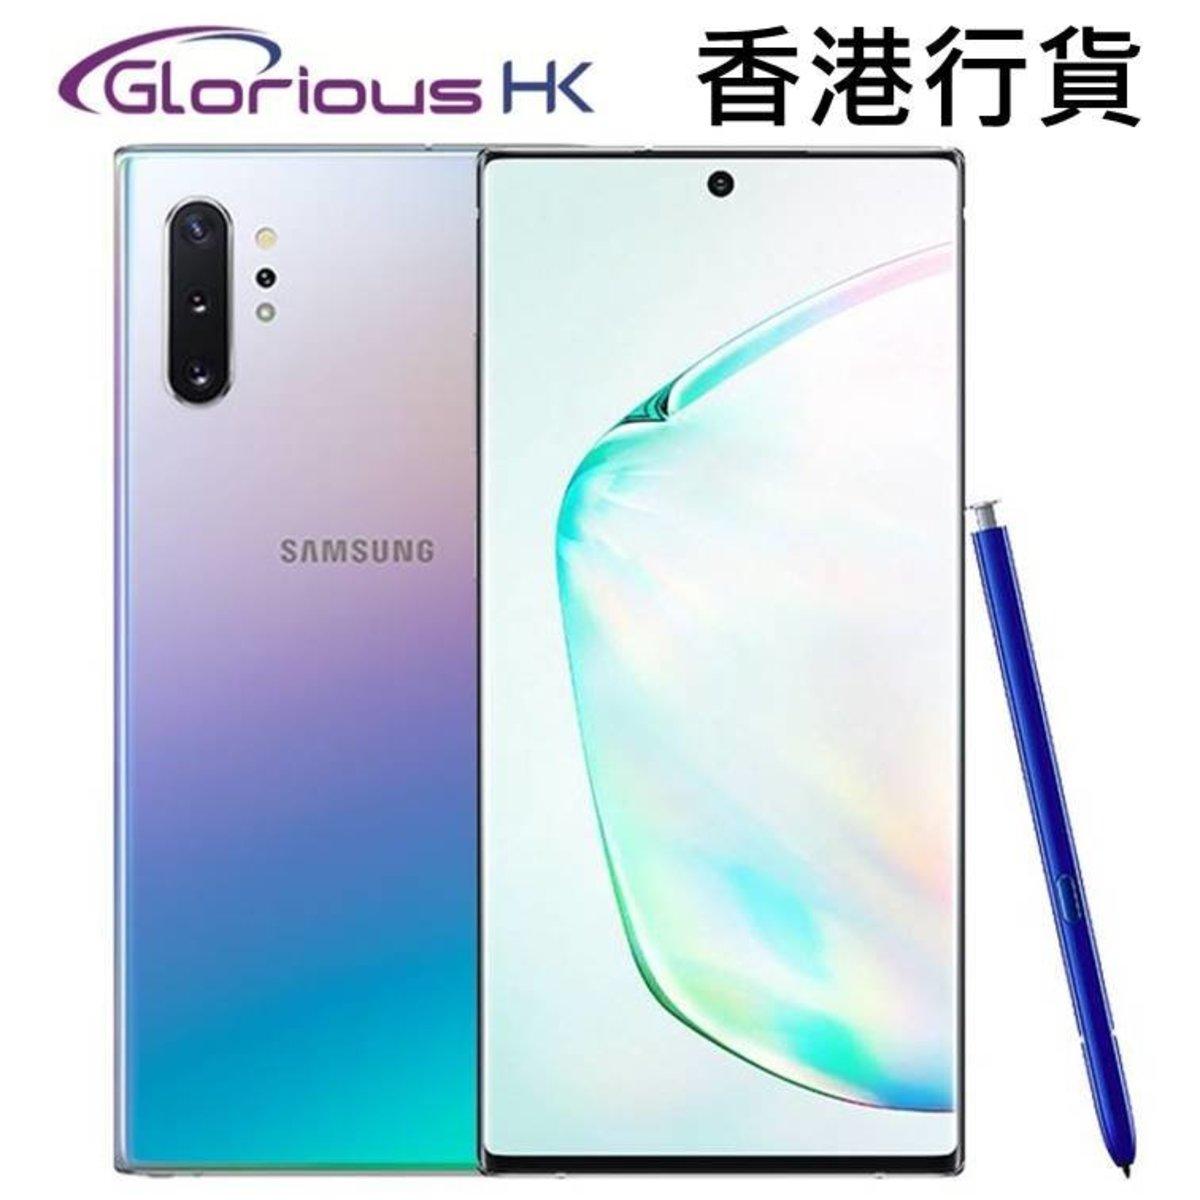 Galaxy Note 10+ 12GB+512GB N9750 幻光色 香港行貨